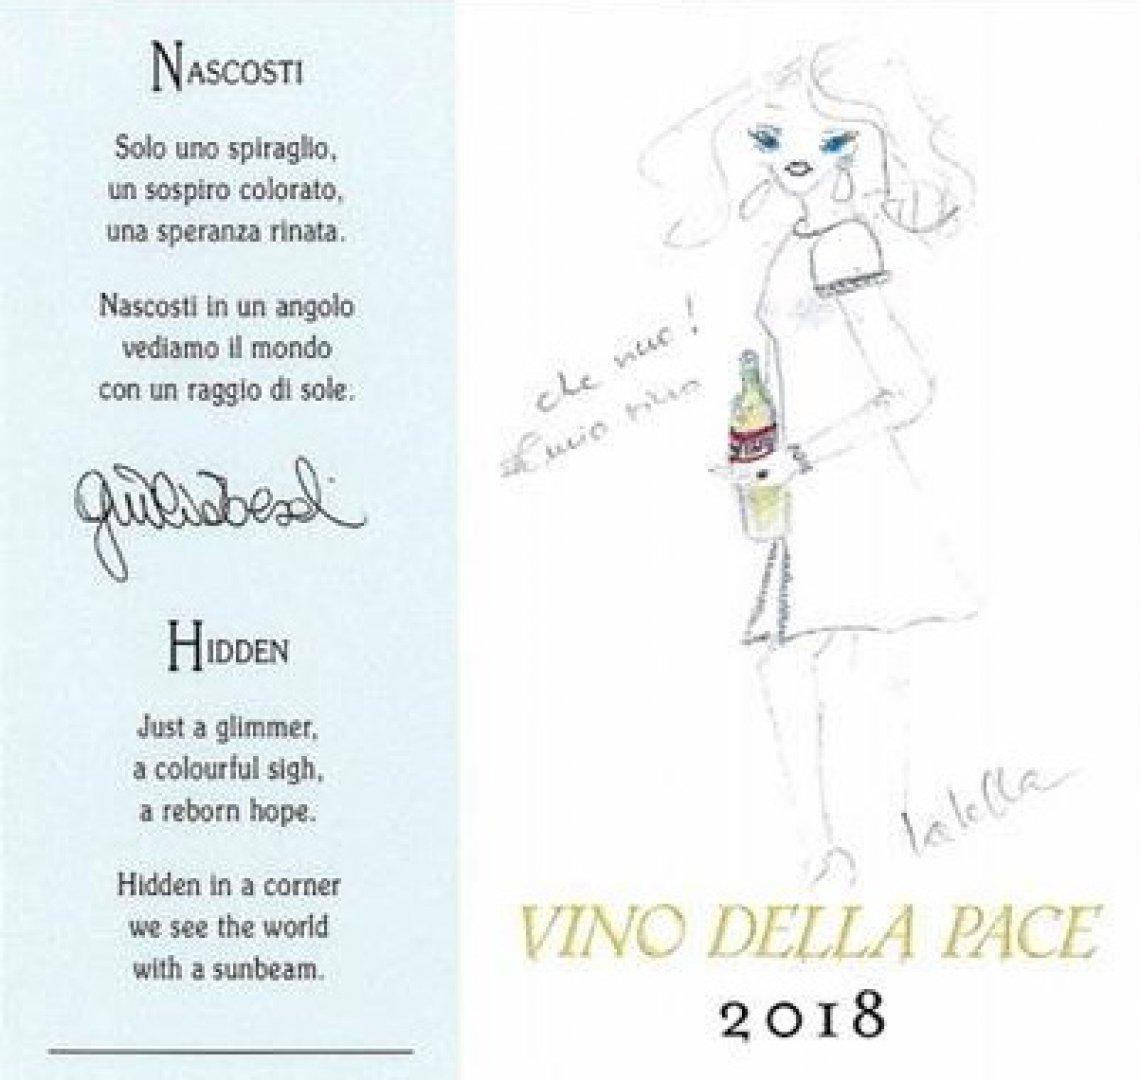 Raffaella Curiel disegna l'etichetta del Vino della Pace